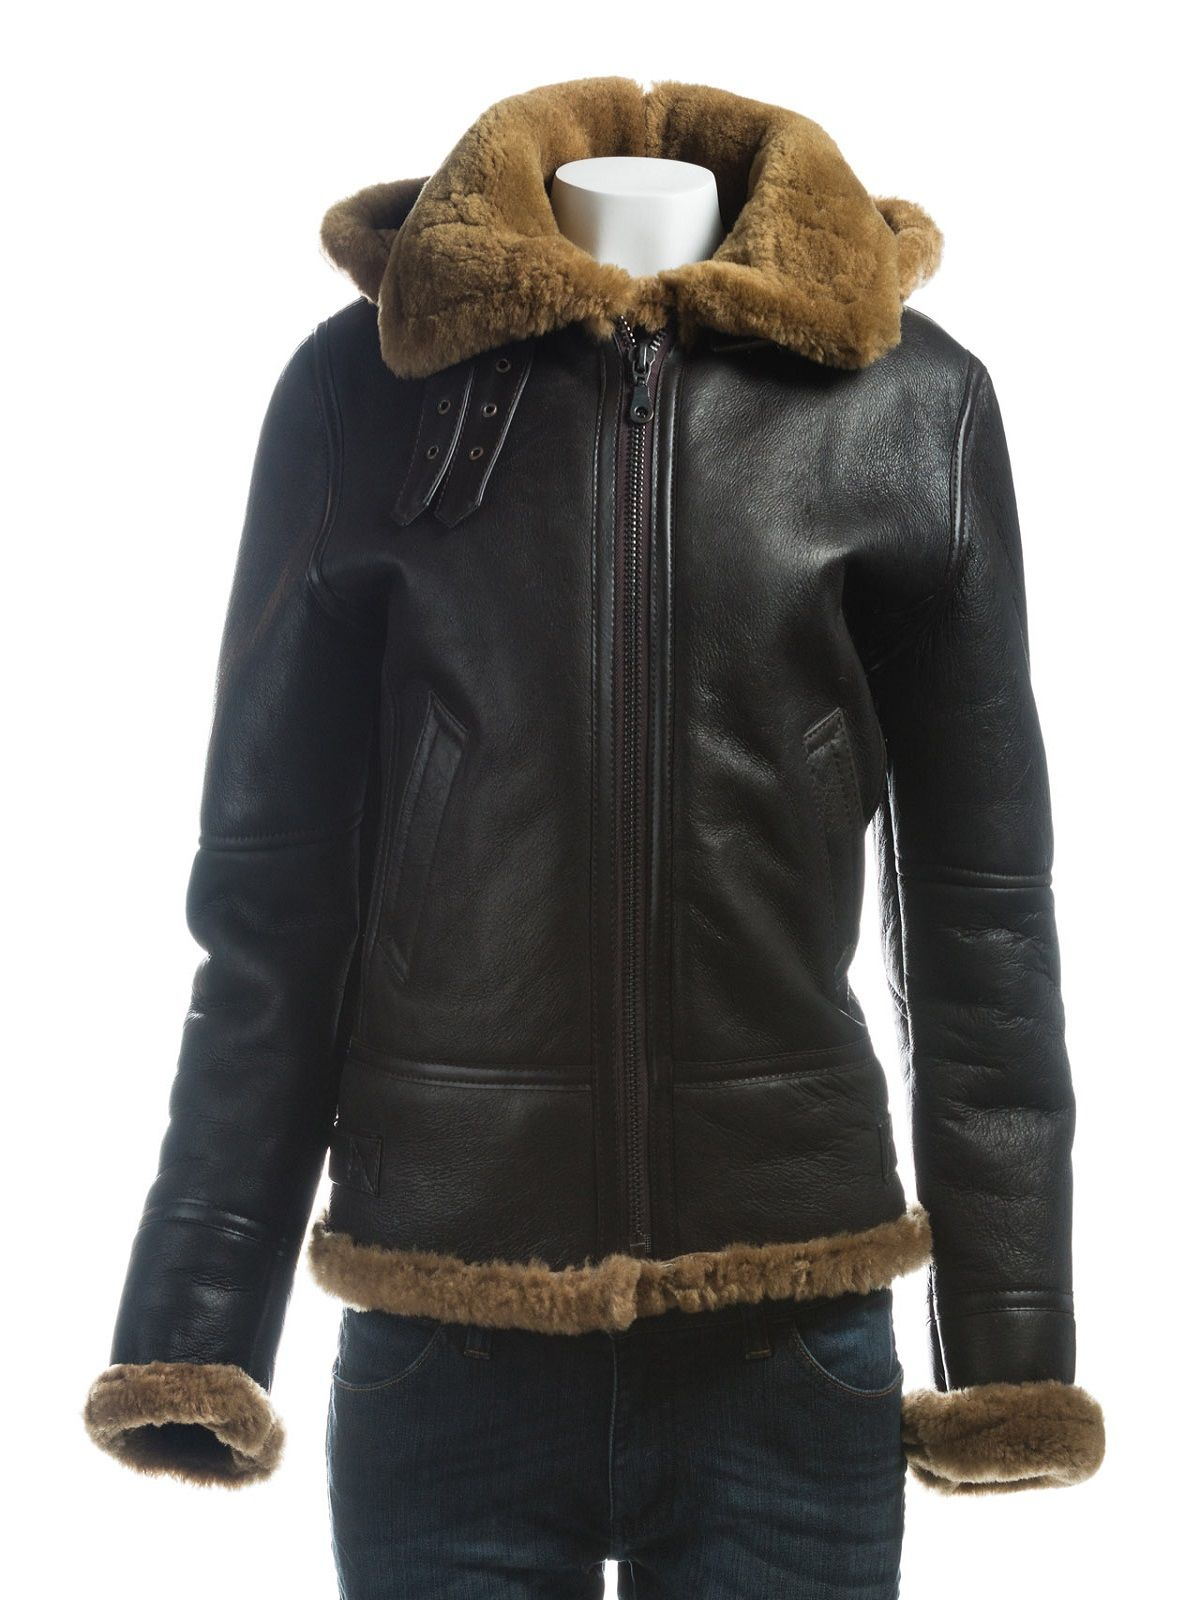 Women B3 Bomber Shearling Leather Jacket Leather jacket